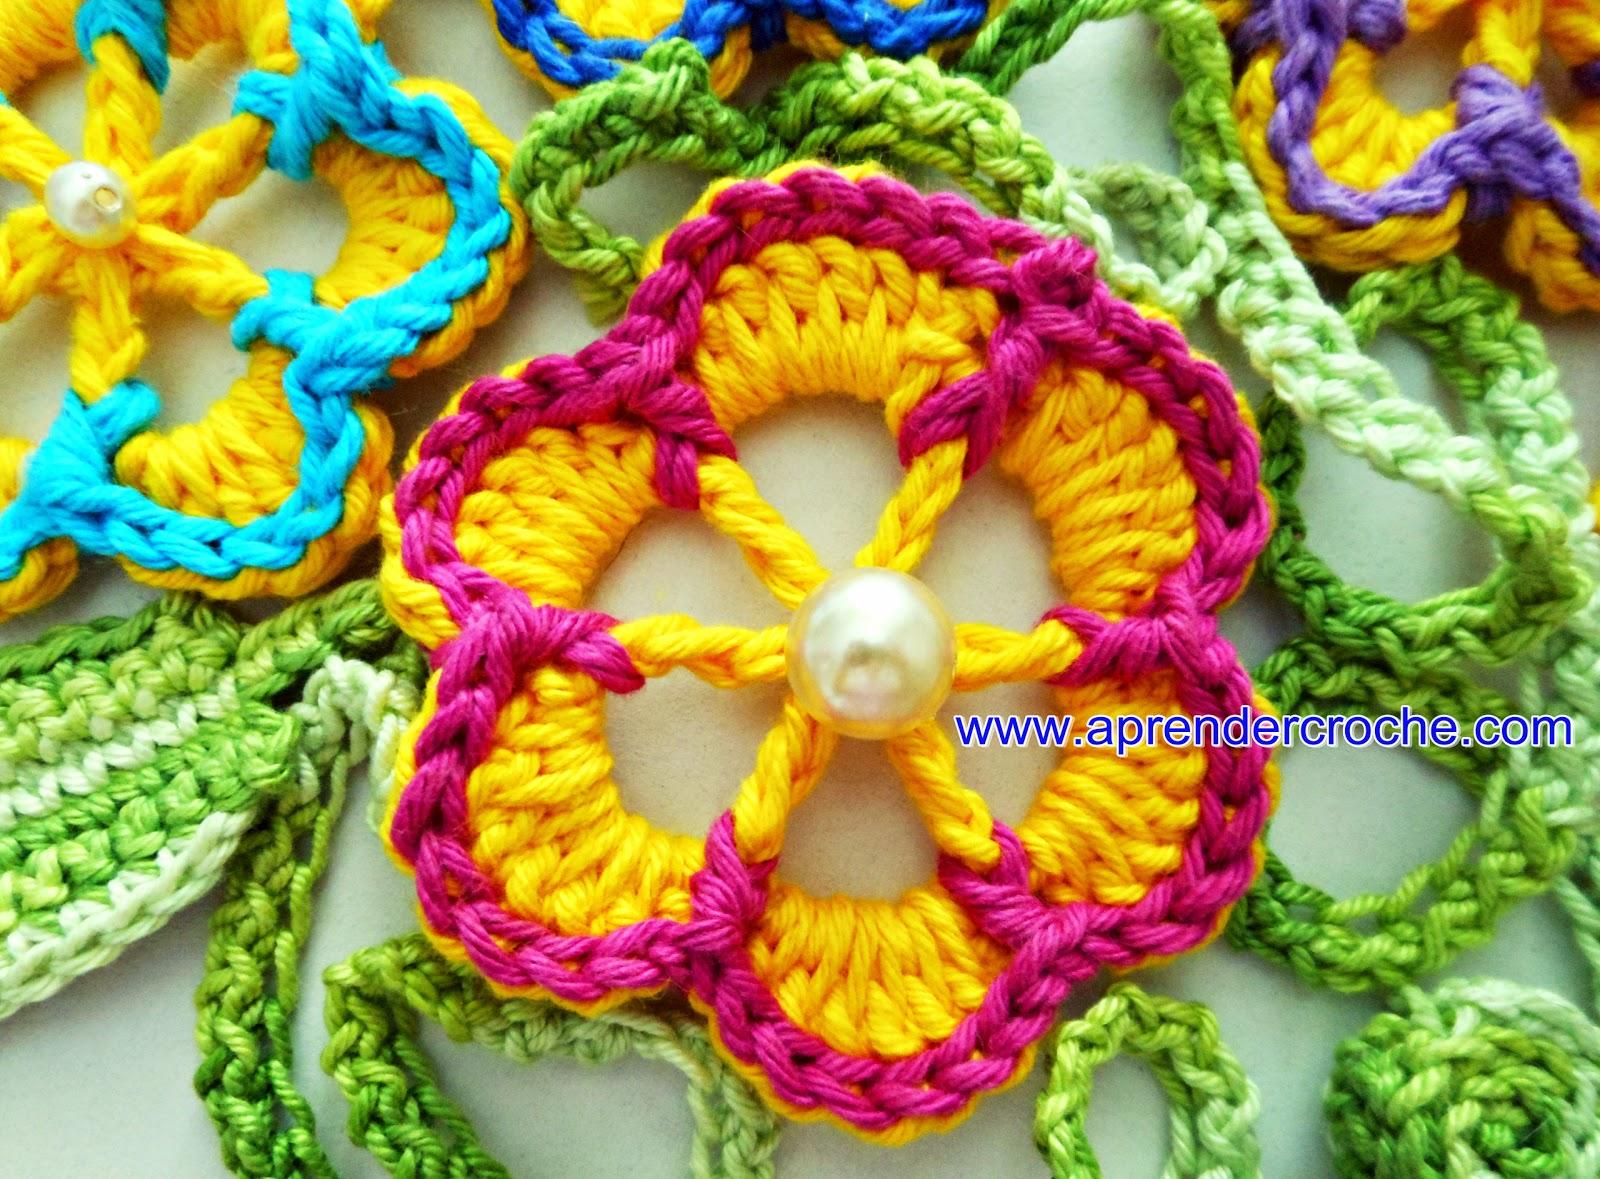 aprender croche com flores dvd bazar horizonte